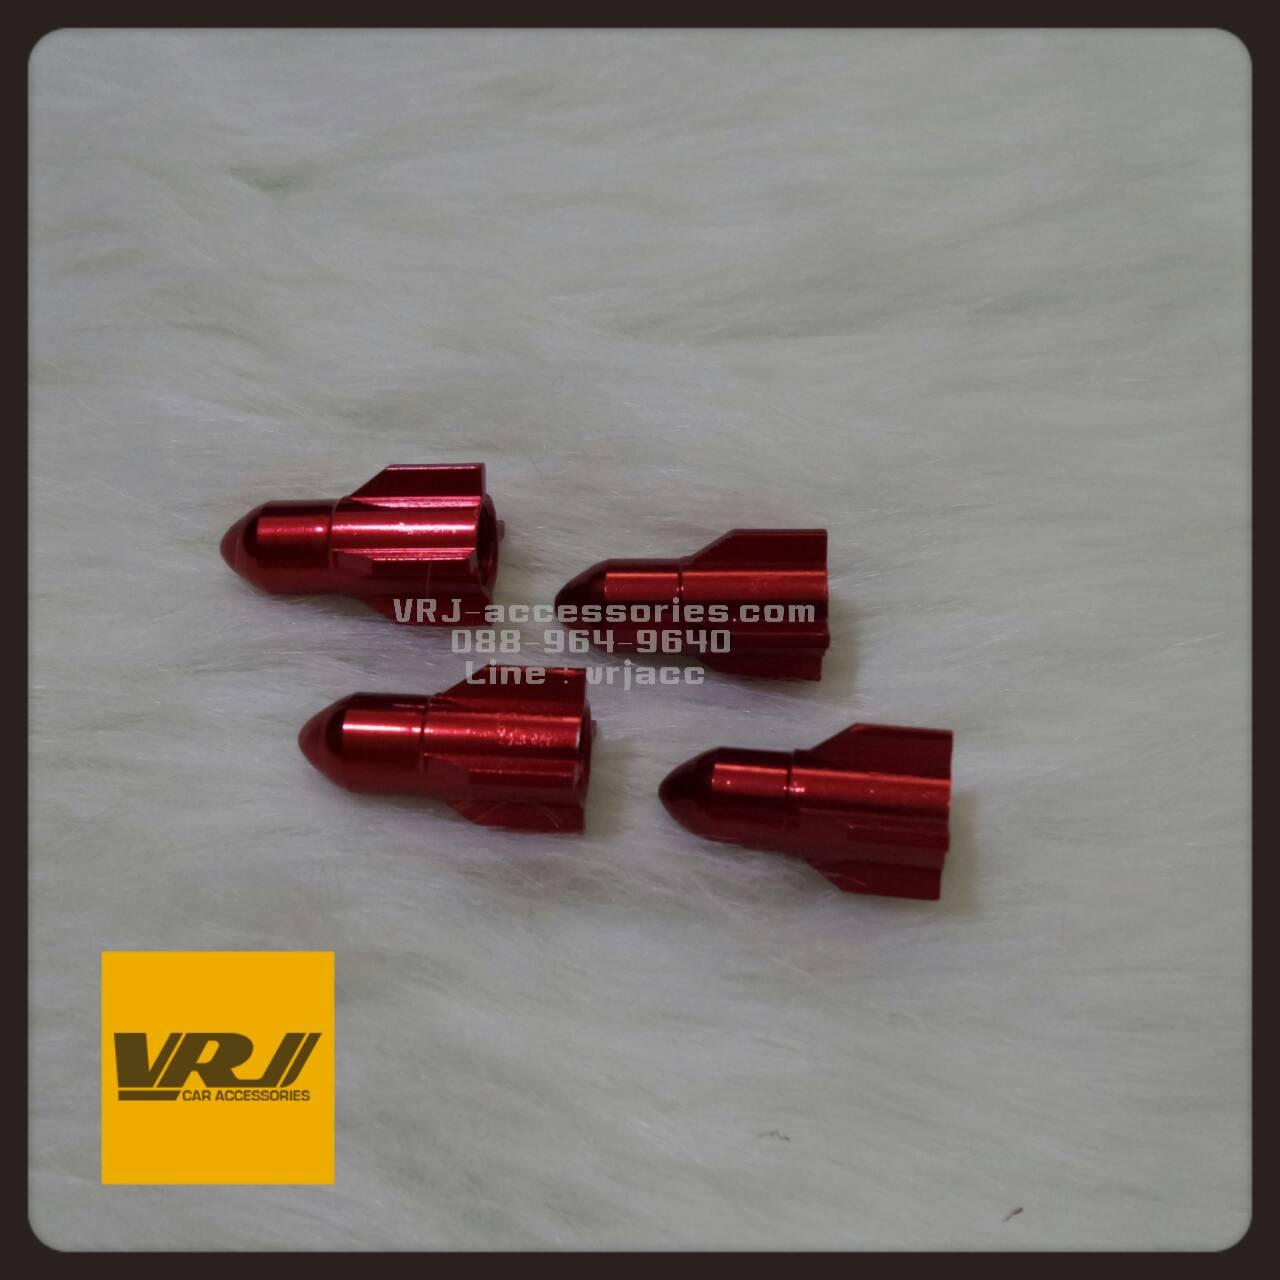 จุกลม จรวด สีแดง : Car tire valve Stem caps – Rocket